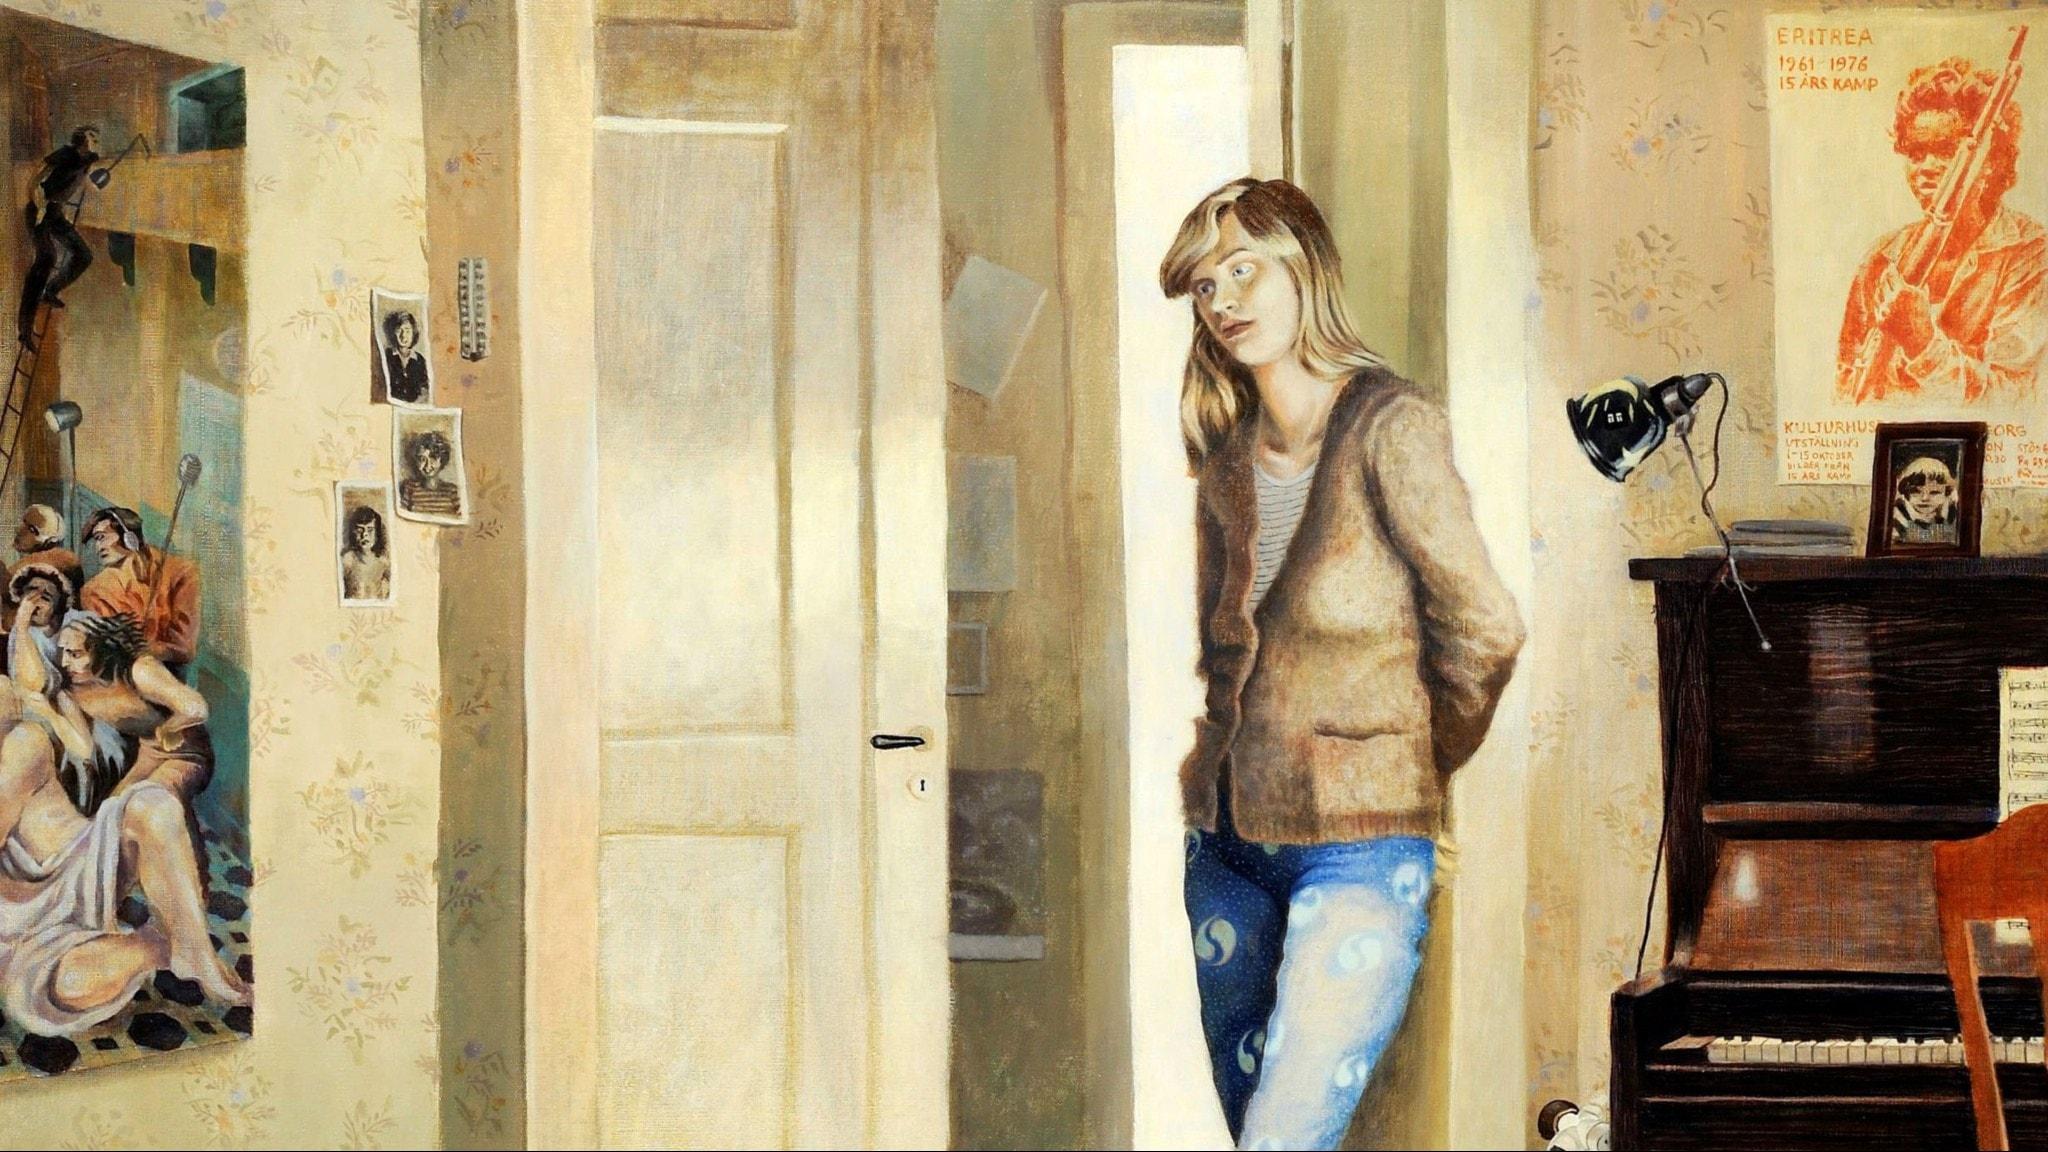 Utsnitt av målningen Självporträtt från 1978 av Gittan Jönsson. Foto: Patric Evinger